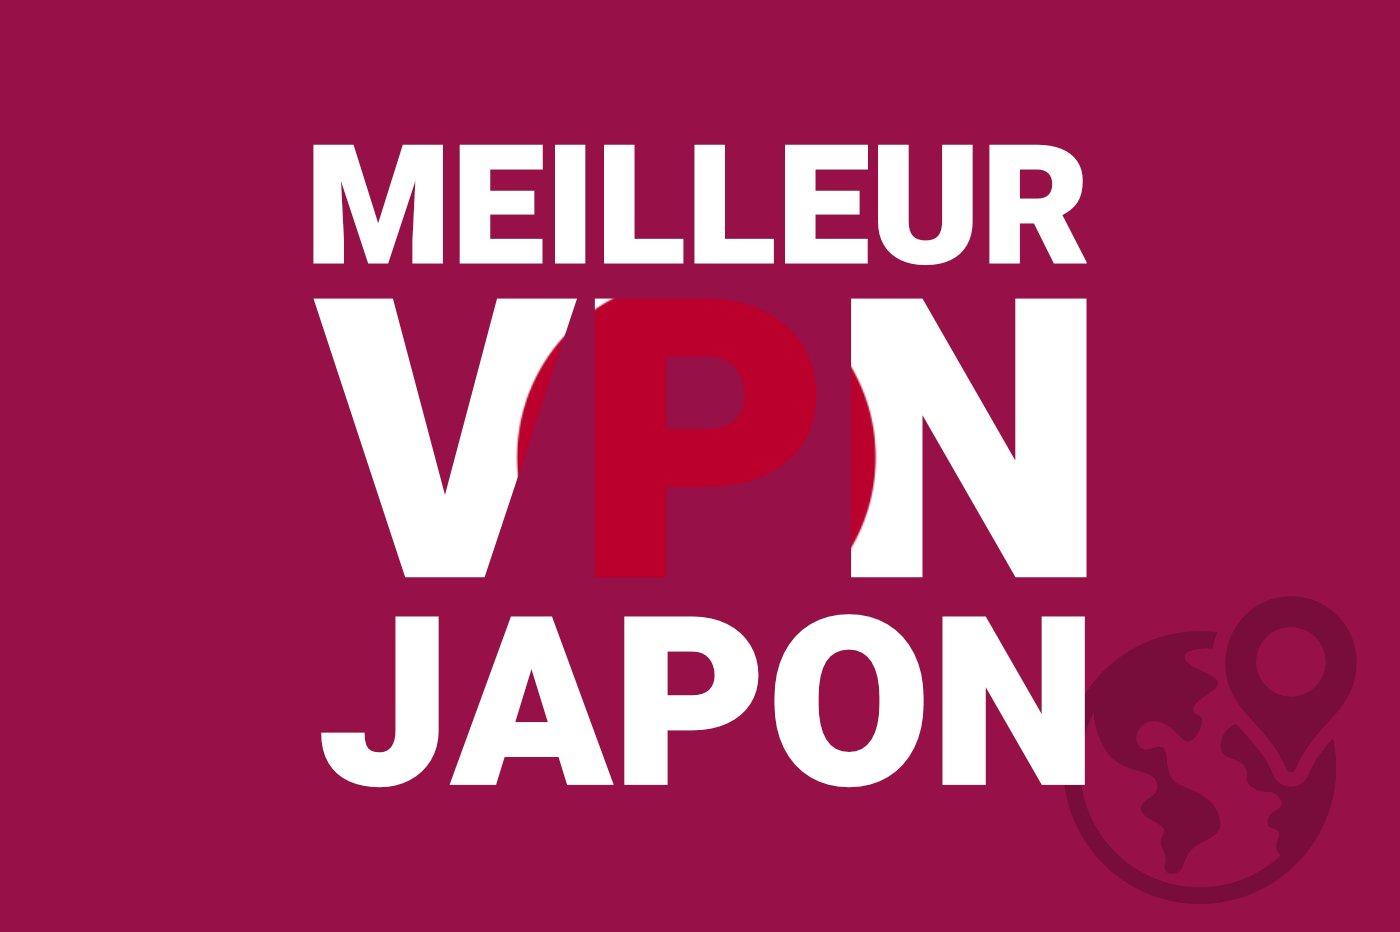 meilleur-vpn-japon